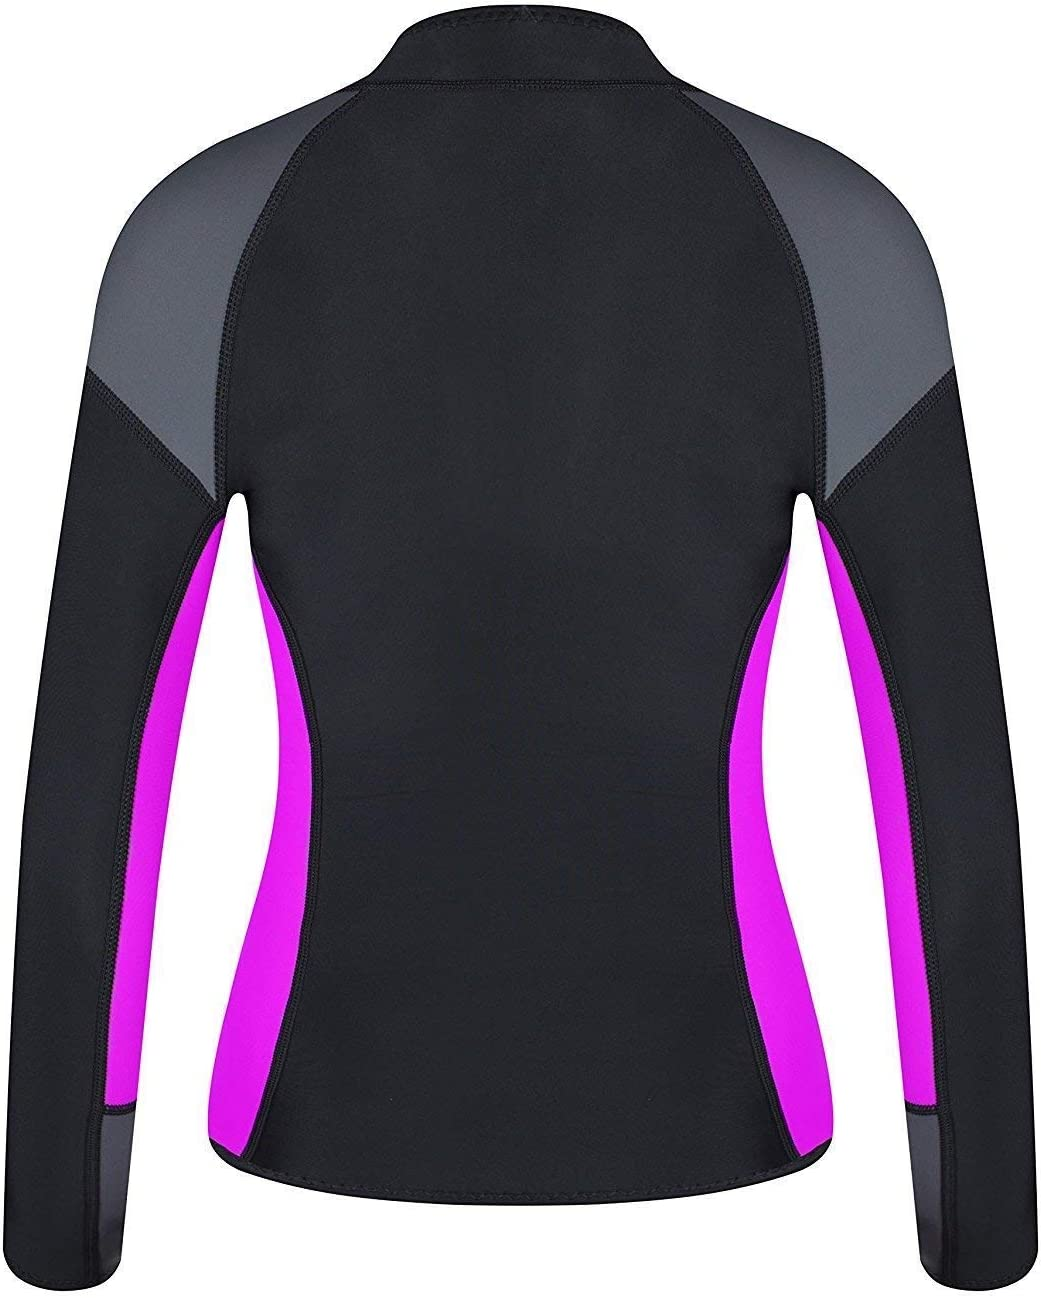 EYCE Women/'s 1.5 mm Wetsuits Jacket Long Sleeve Neoprene Wetsuit Top